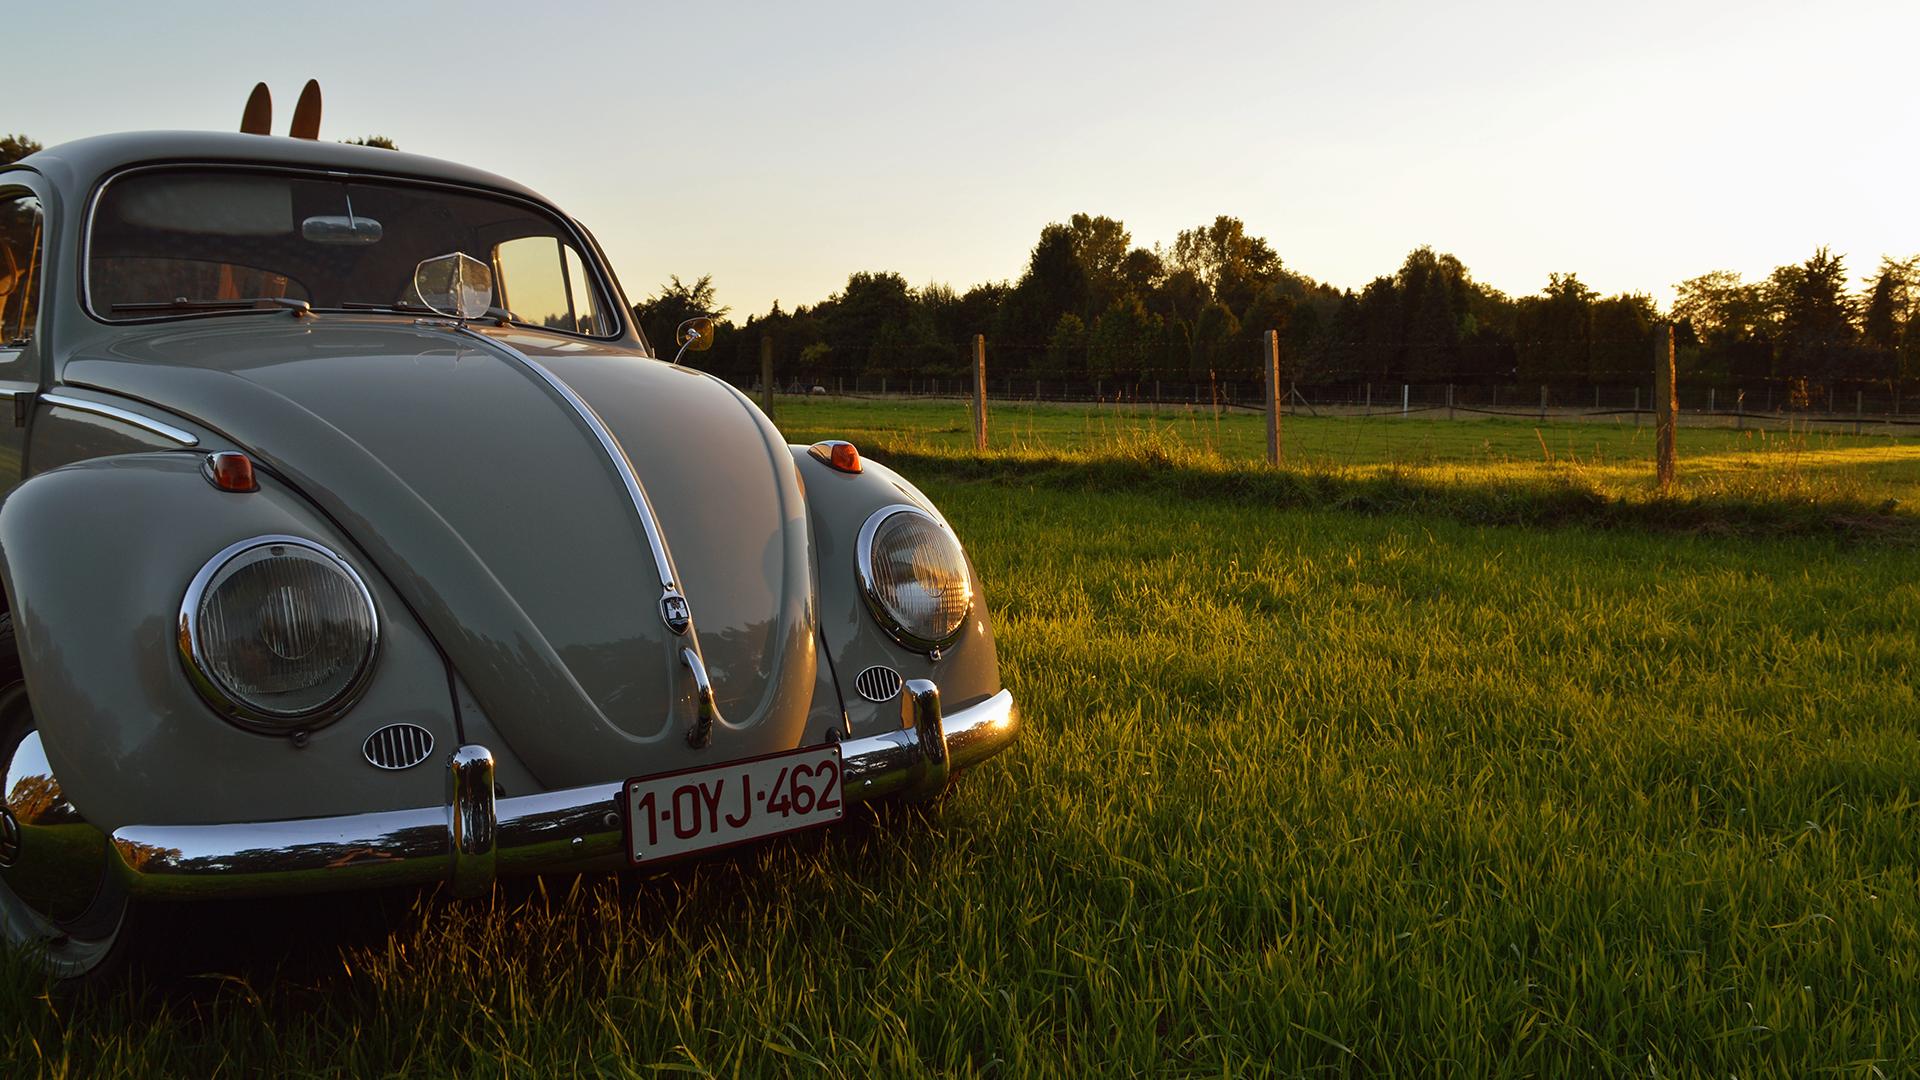 днище фото старинных машин для фона телефона ехала, мощность была